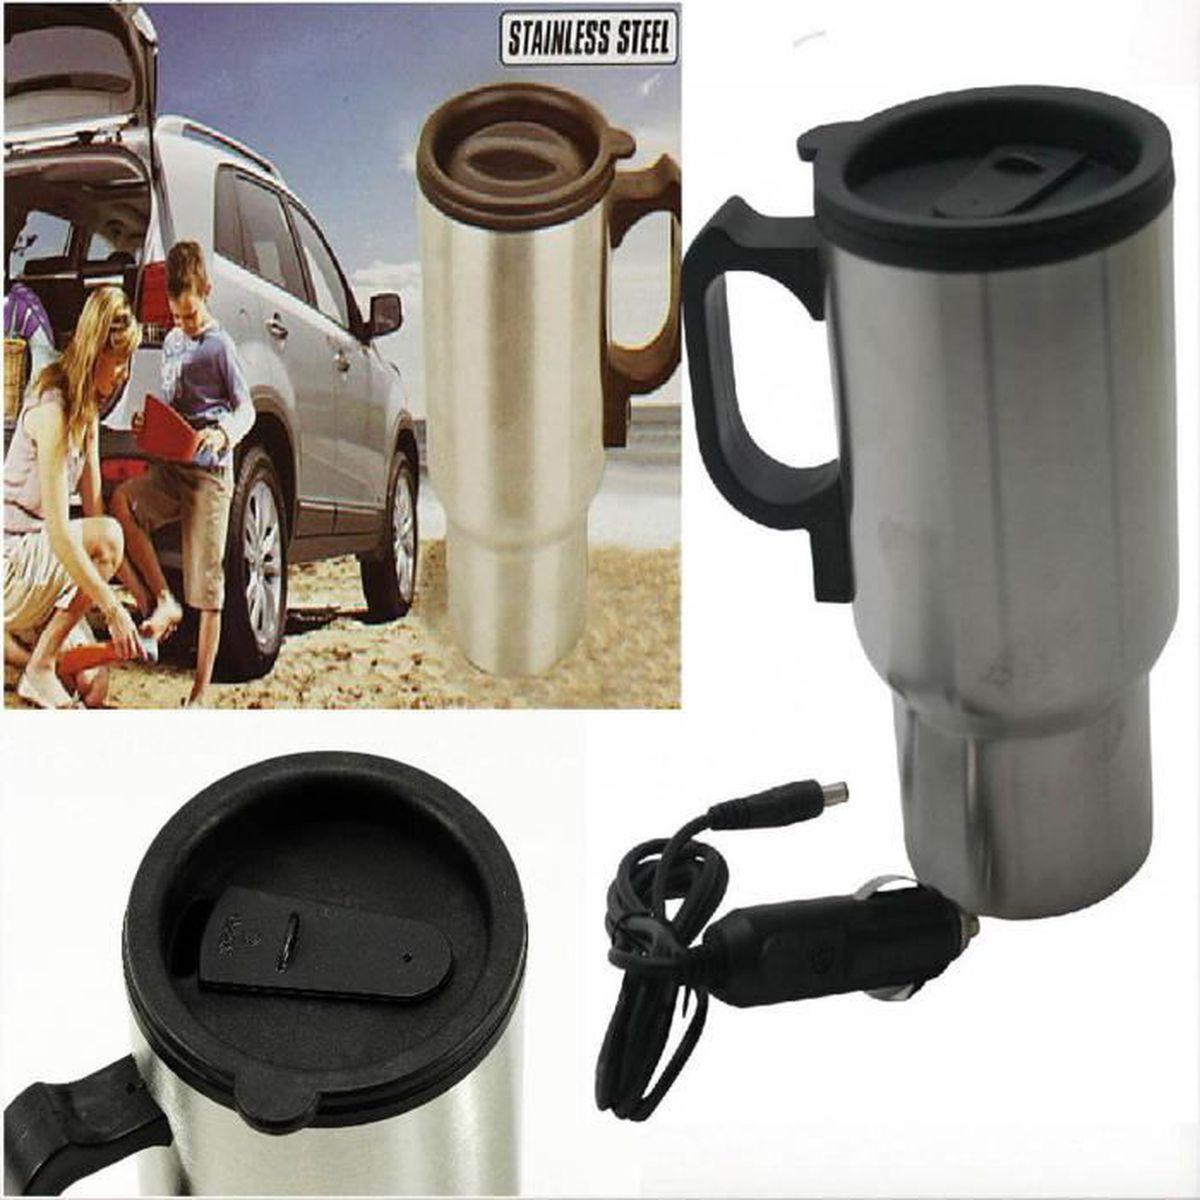 Bouilloire Isotherme destiné mug inox electrique 12 volts camping voiture bouilloire tasse 12